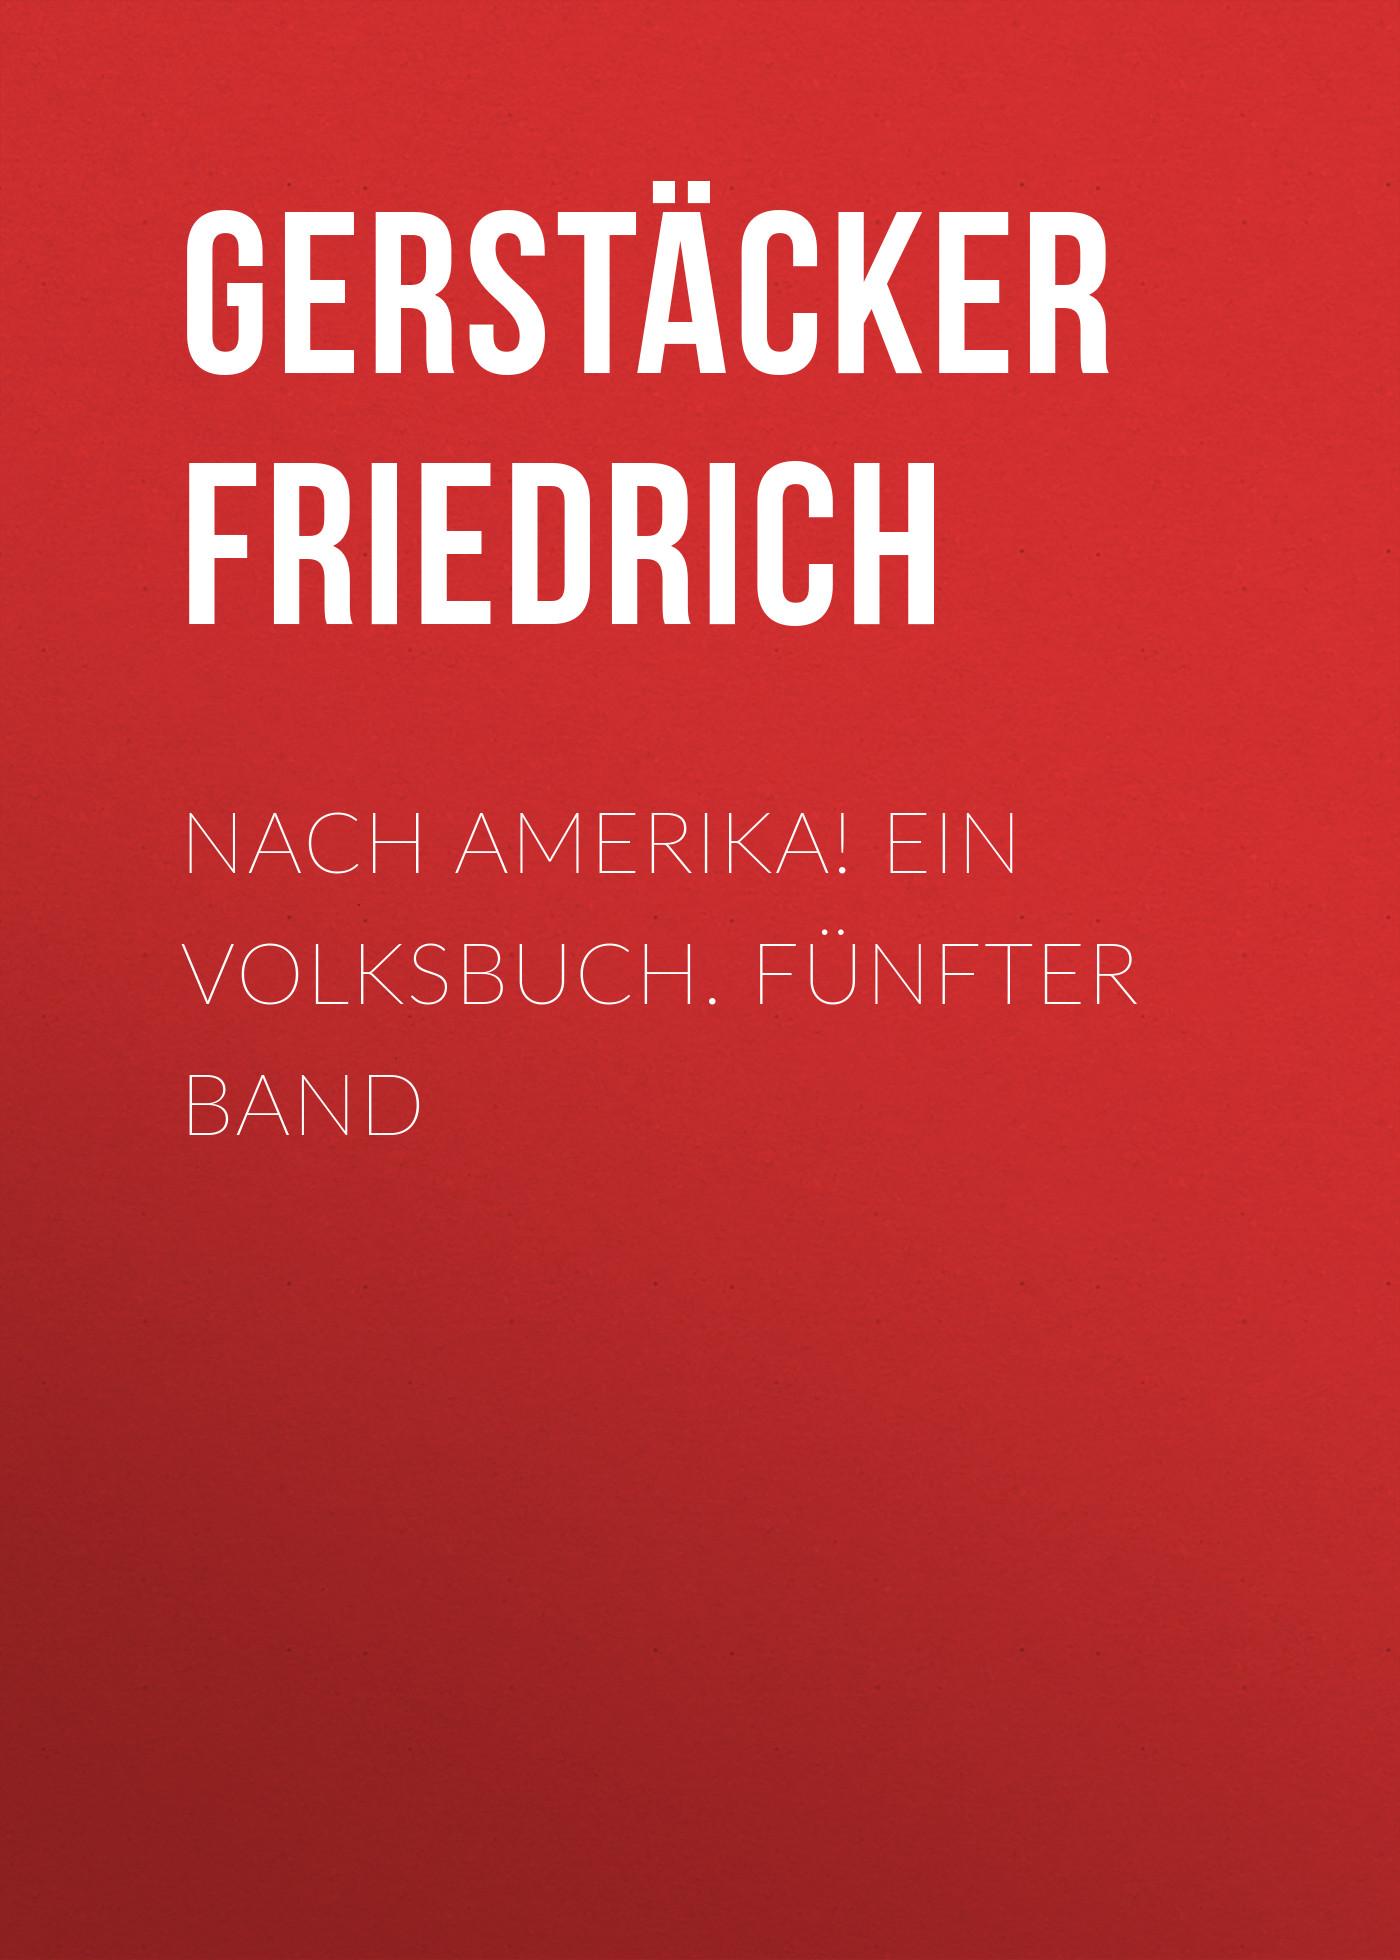 Gerstäcker Friedrich Nach Amerika! Ein Volksbuch. Fünfter Band